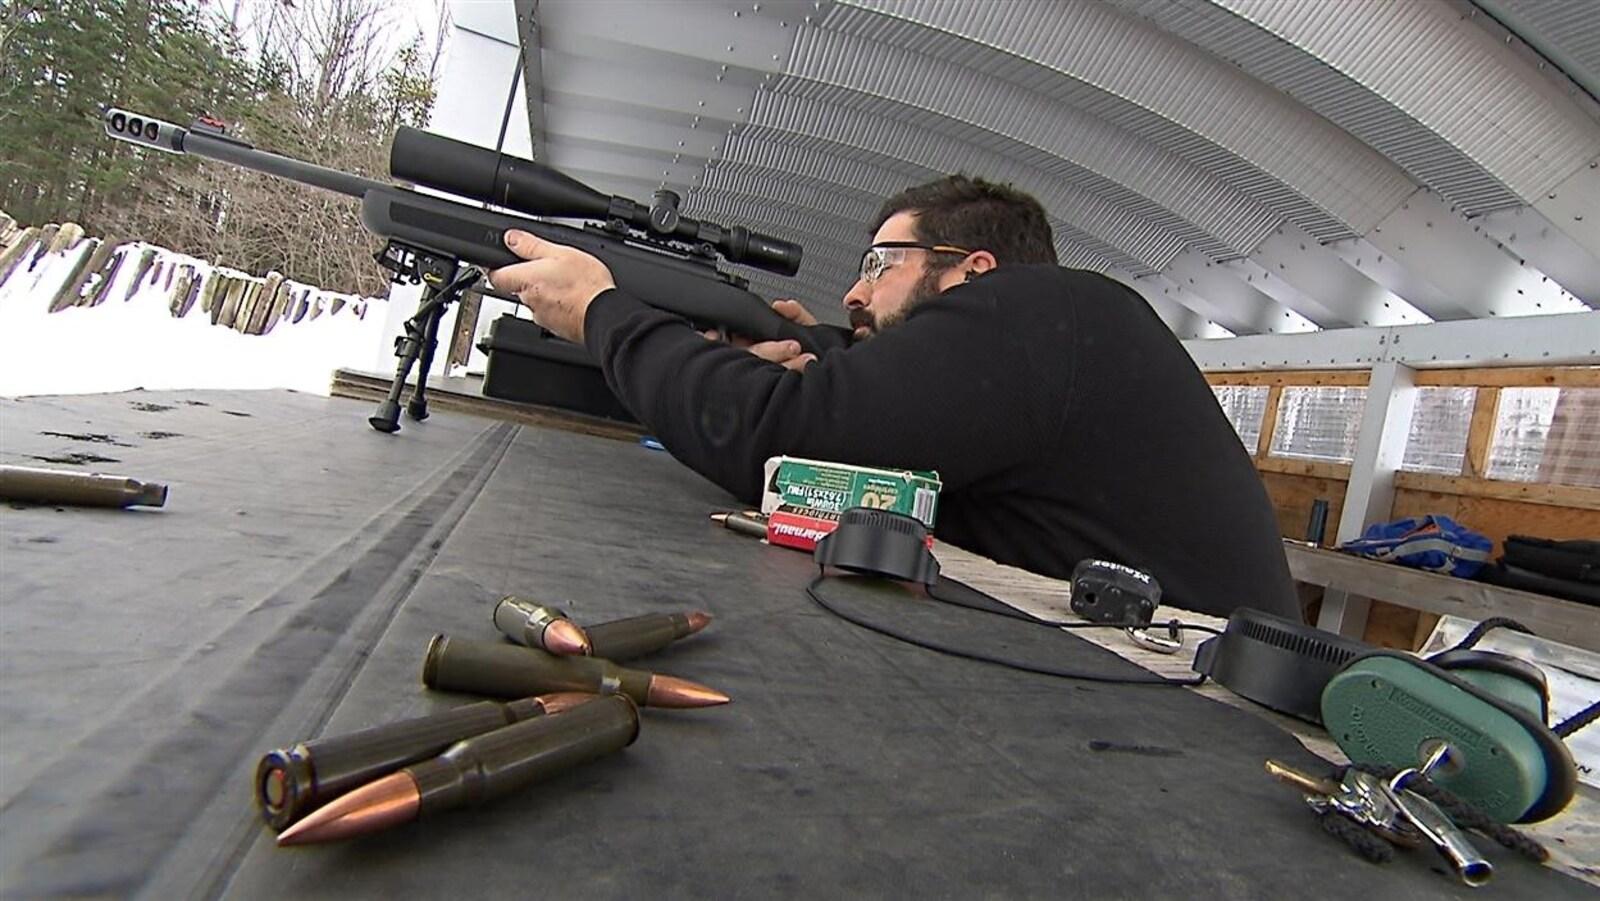 Un tireur dans un champ de tir.